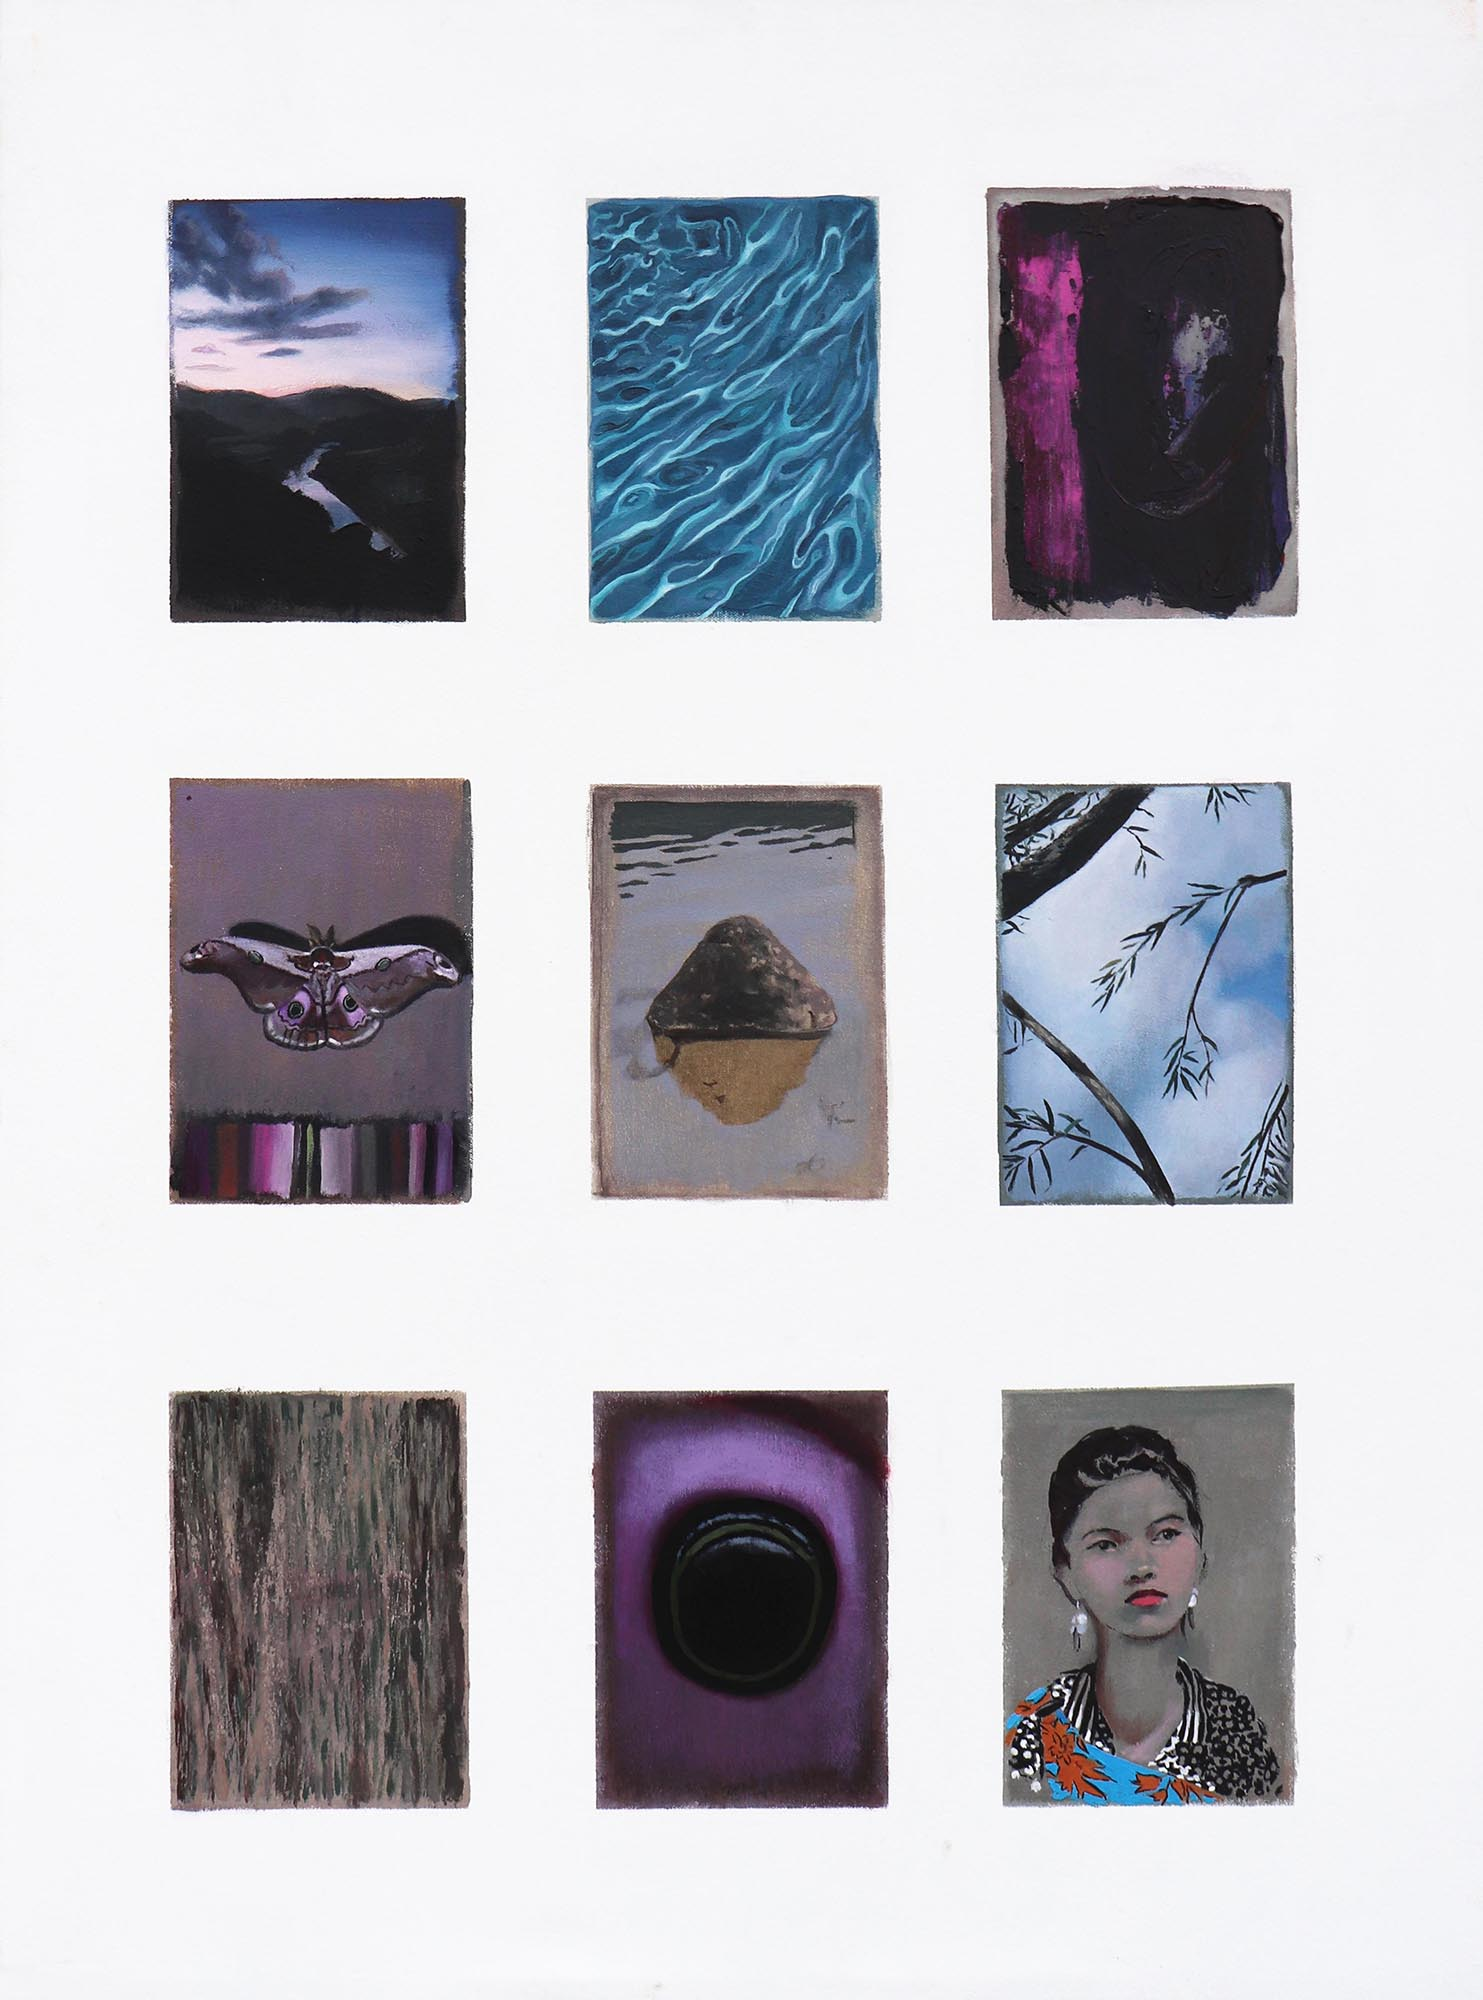 Cristina Megía, Bocetos de Mawkyrwat (Parte I), Acrylic on canvas, 75 x 100 cm, 2019